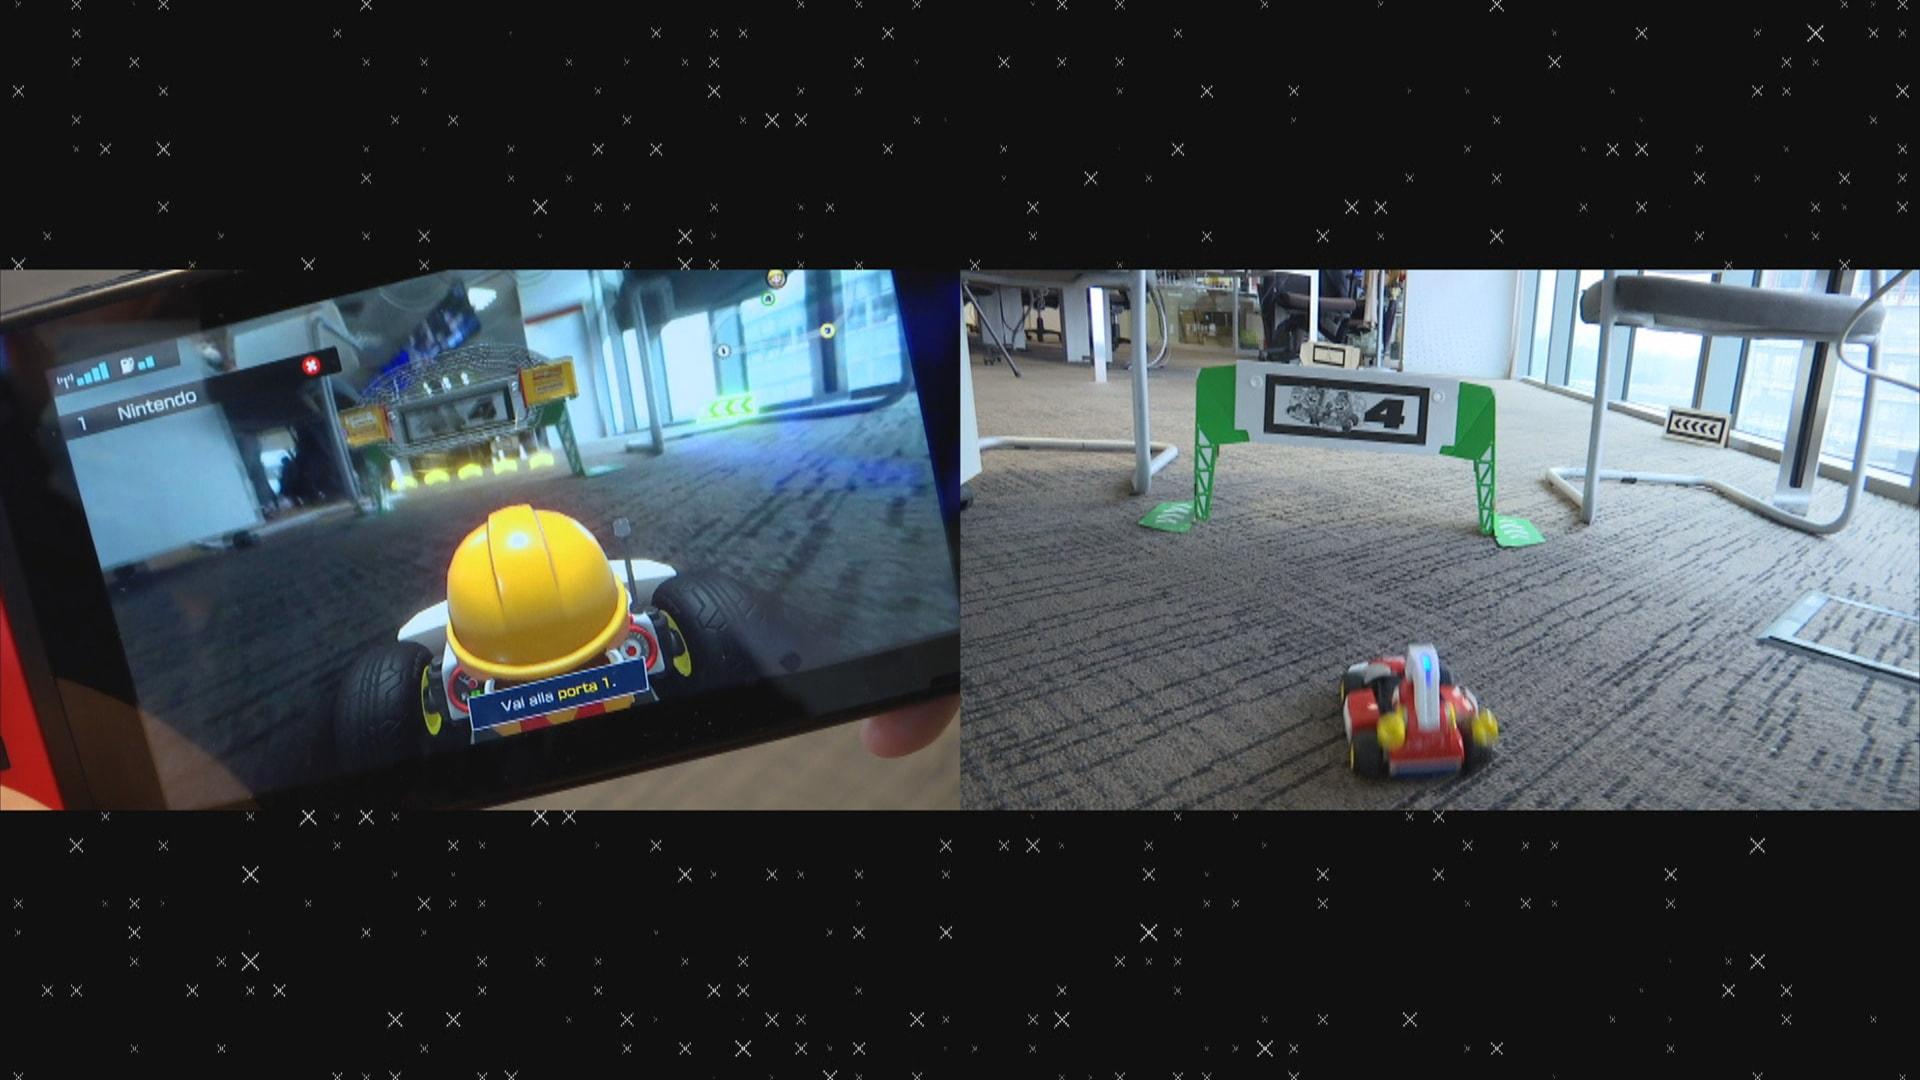 Mario Kart Live nella redazione di Sky tg24